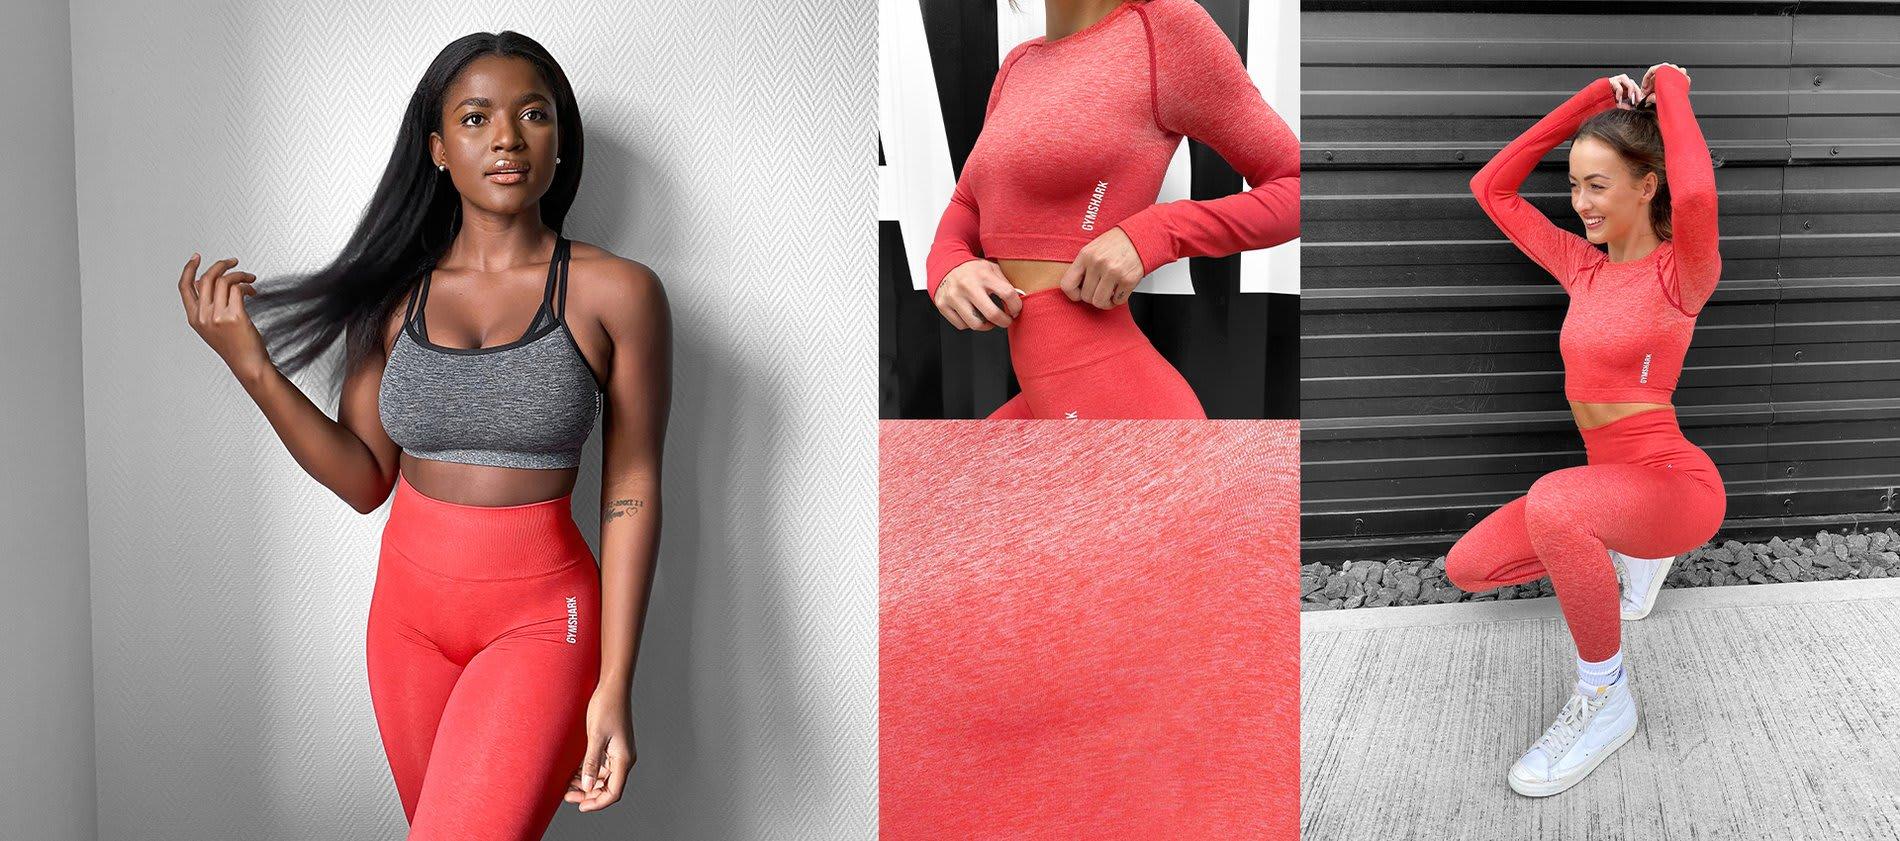 Collage einer weiblichen Athletin, die die neue Adapt Ombre Kollektion trägt und Nahaufnahmen von den neuen Designs und Farben.